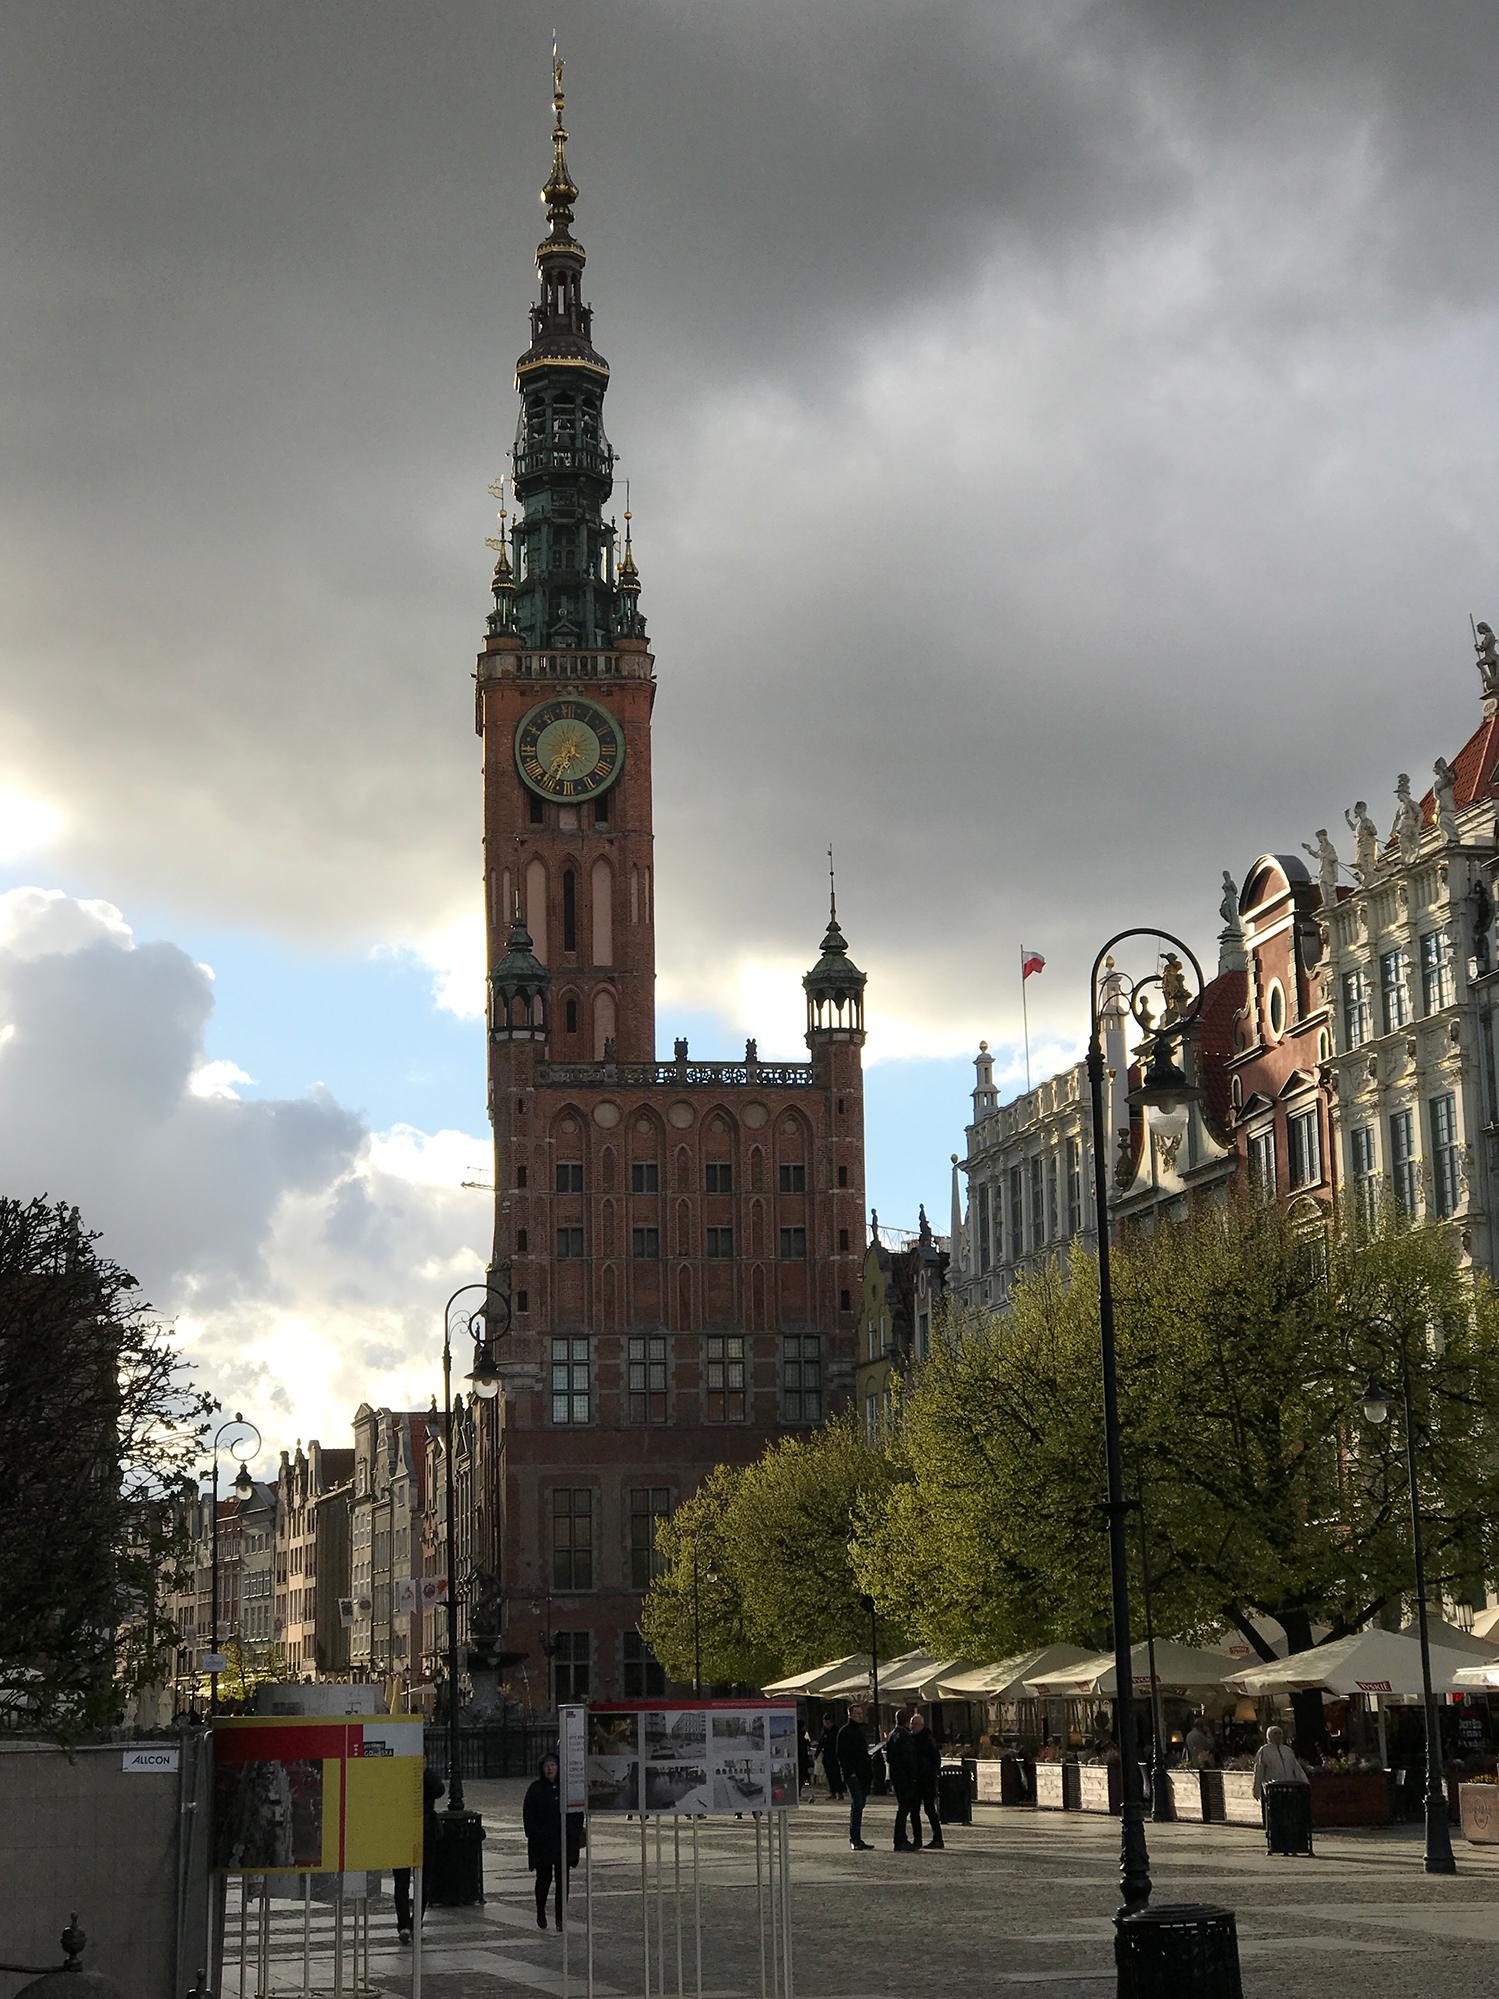 Długi Targ and Ratusz Głównego Miasta (Main Town Hall), Gdańsk